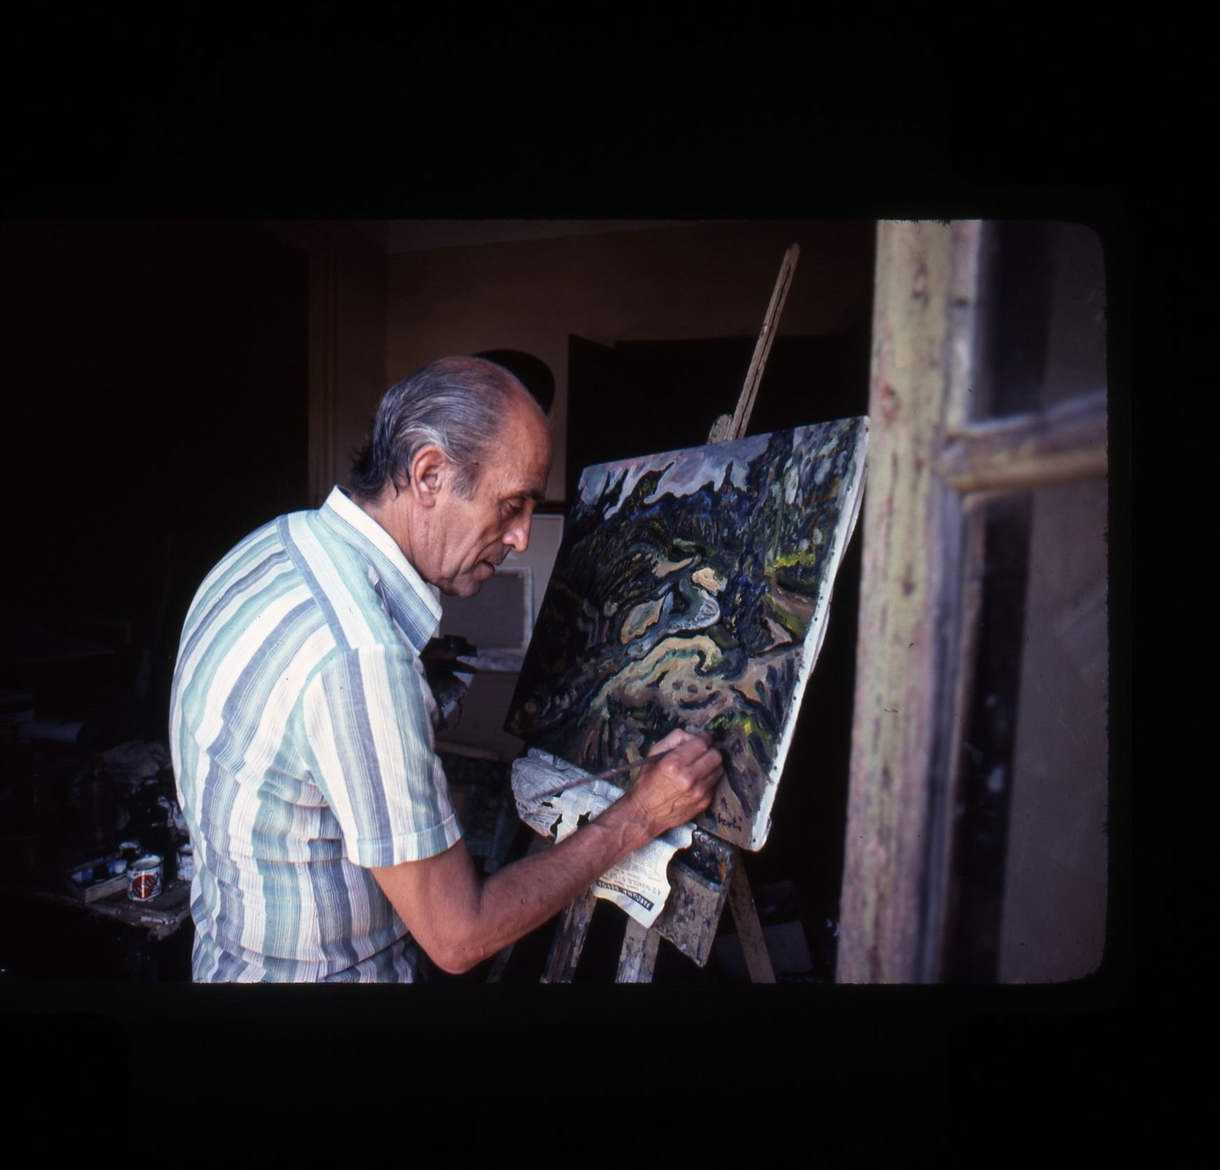 Josep Albertí pintant al seu estudi, al carrer d'en Cubias el 17 de setembre de 1978 AMSFG. Fons Alfons Hereu Ruax (autor: Alfons Hereu)